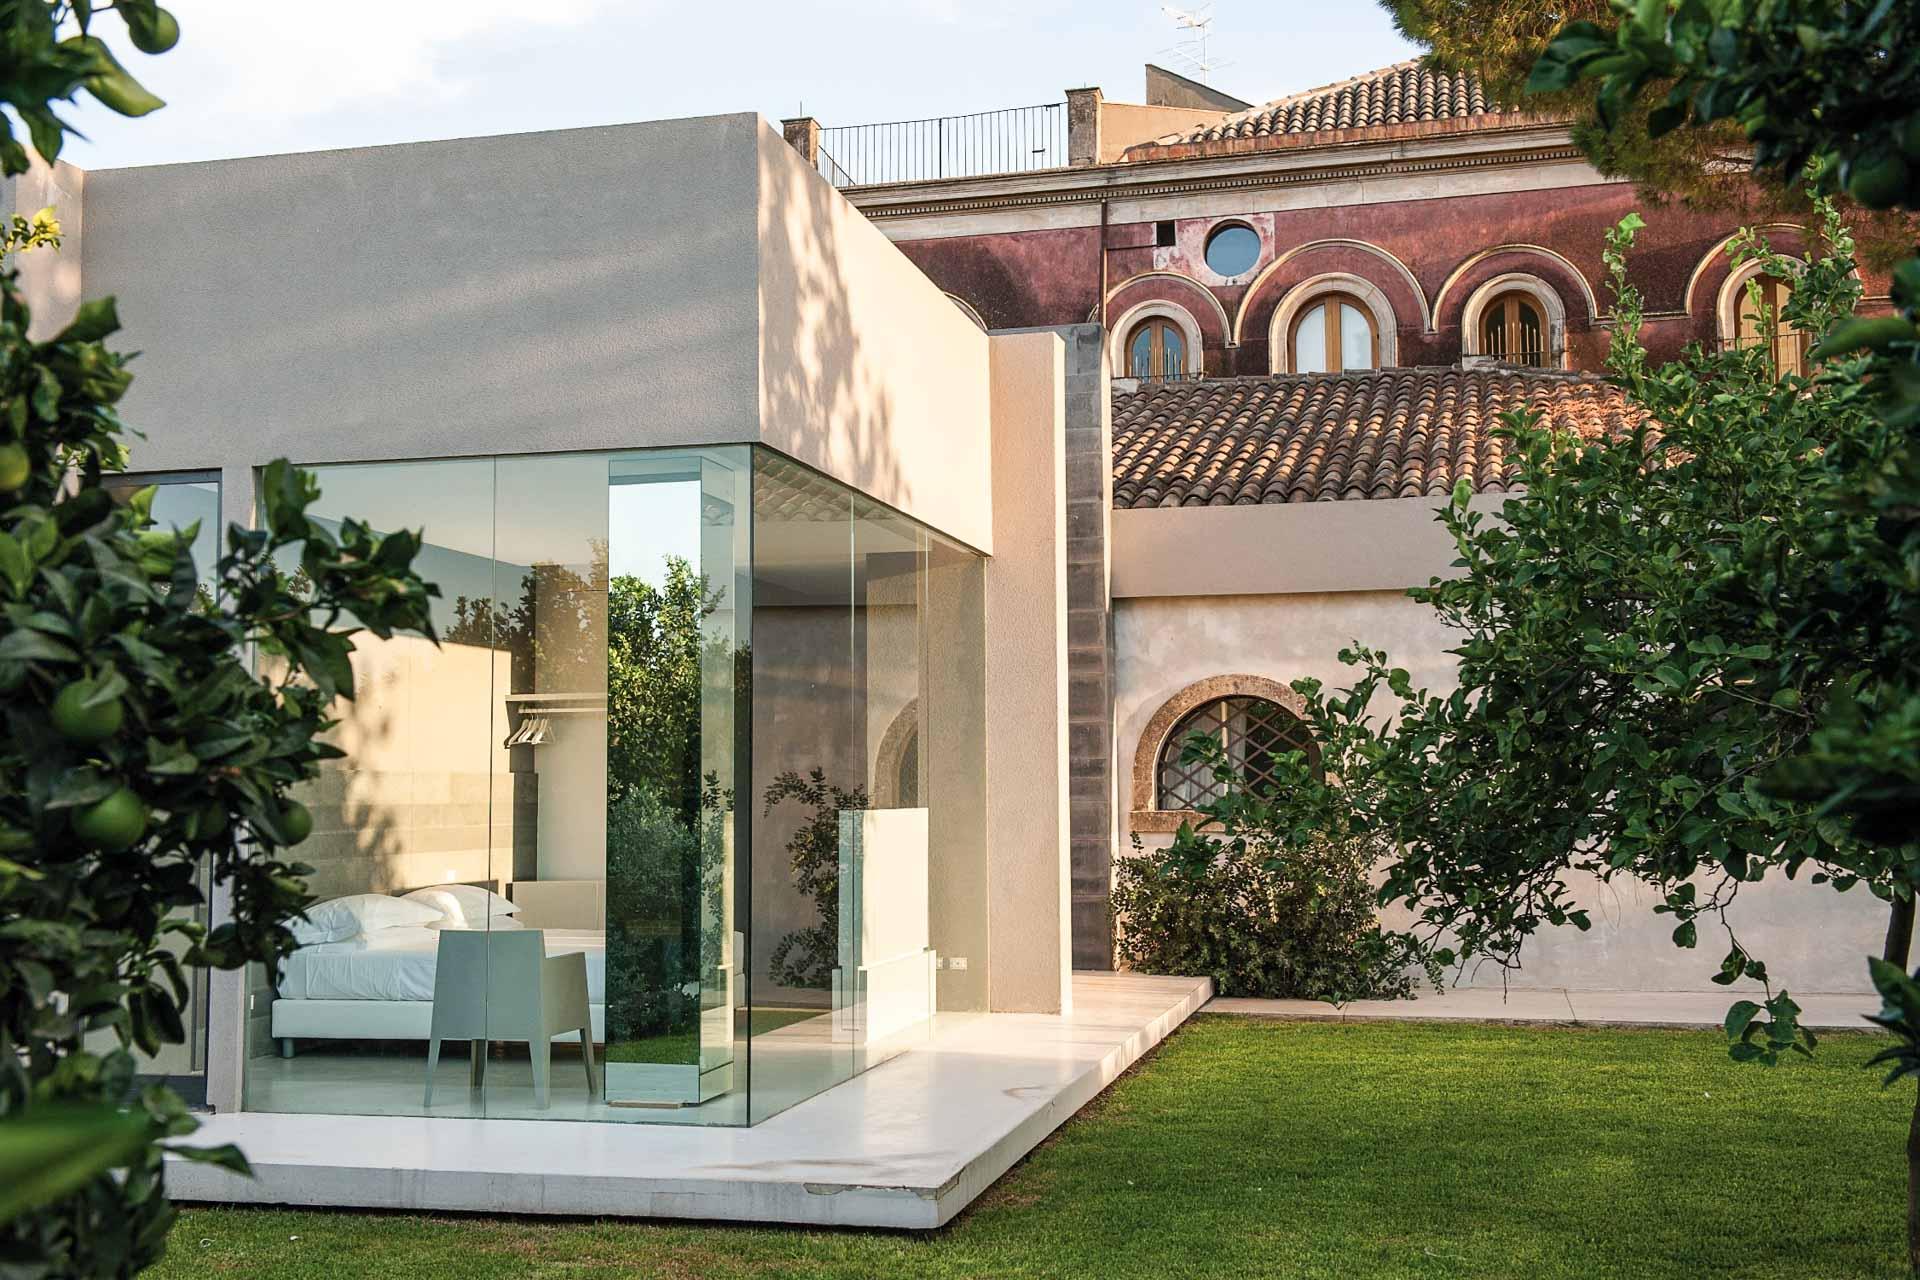 Boutique-hôtels ou établissements de luxe historiques, nous avons sélectionné 20 des meilleurs hôtels de Sicile, de Taormina à Palerme en passant par les villes baroques de l'île, les contreforts de l'Etna ou les Îles Éoliennes. À découvrir d'urgence ici.